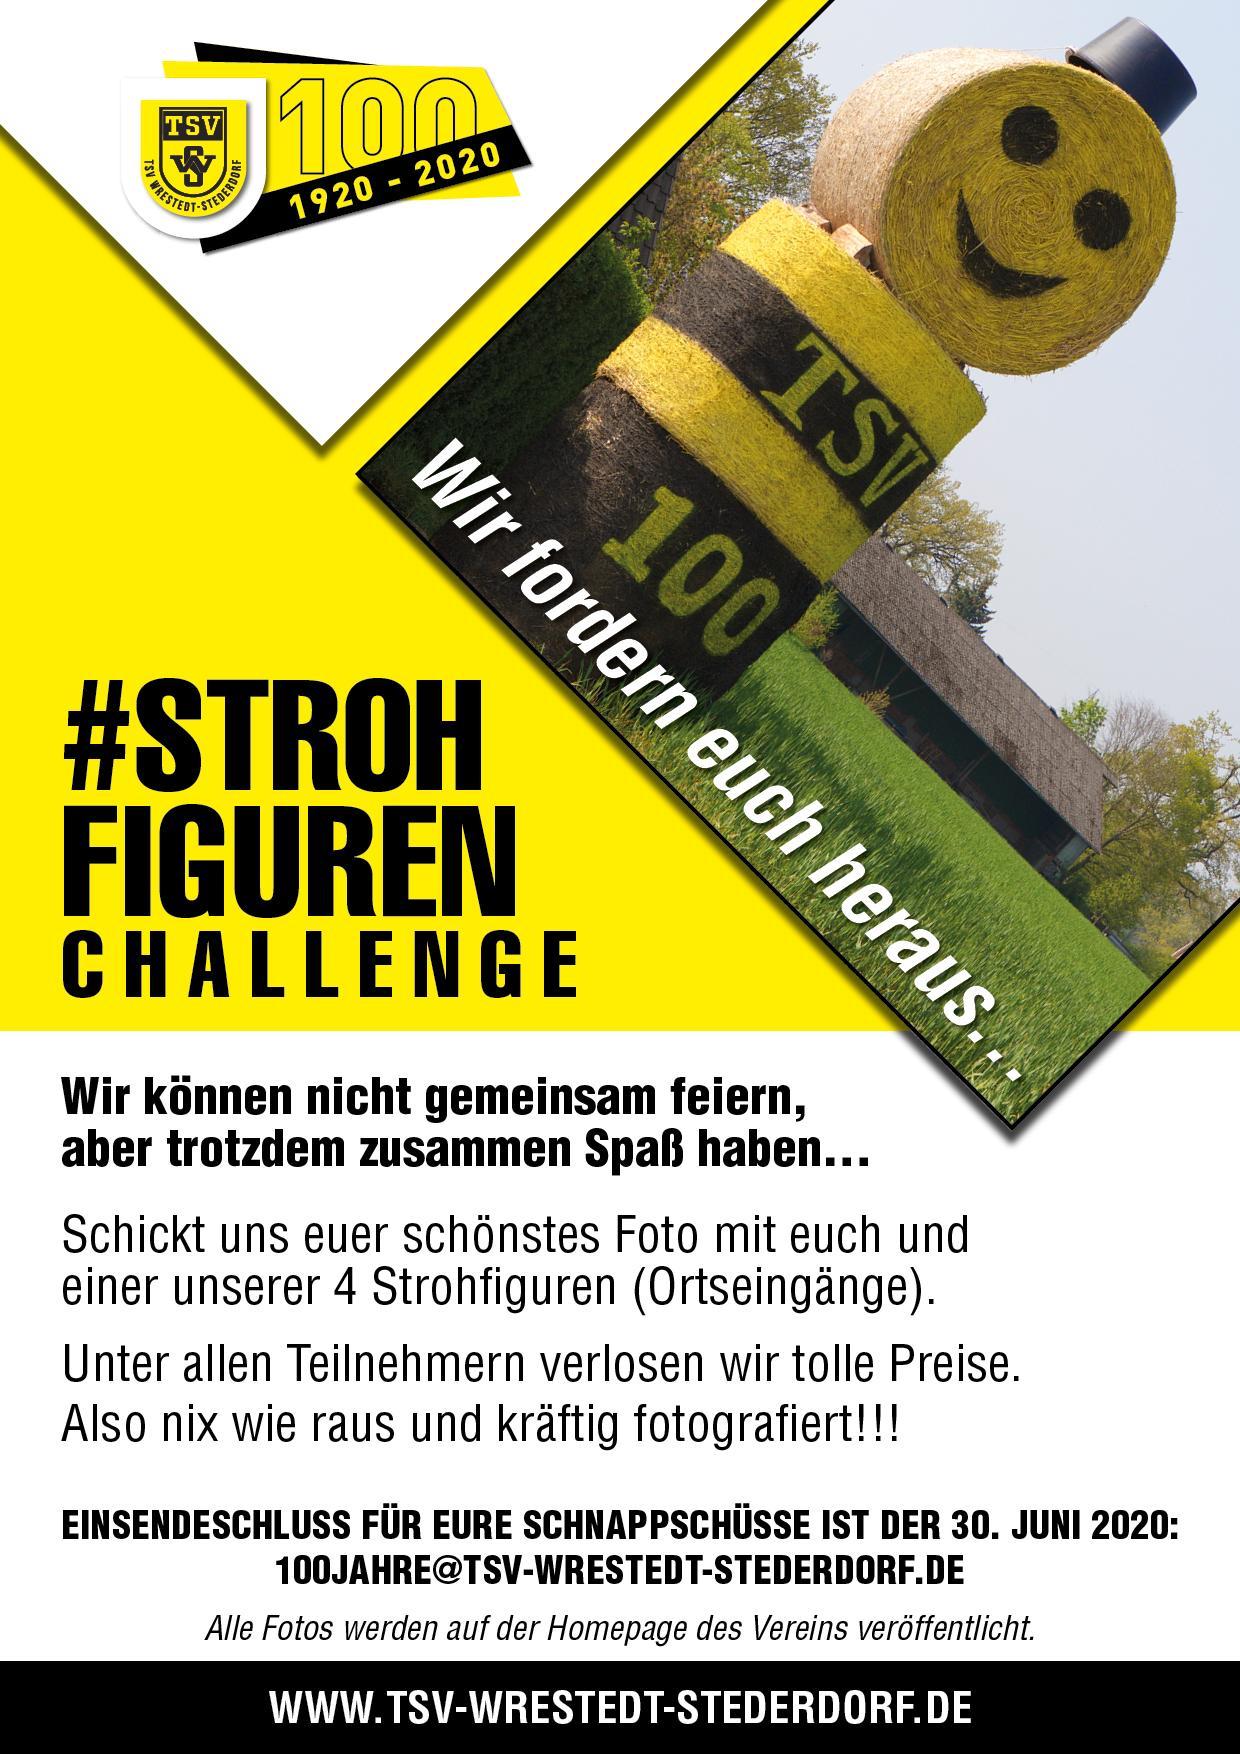 Strohfiguren Challenge Herausforderung